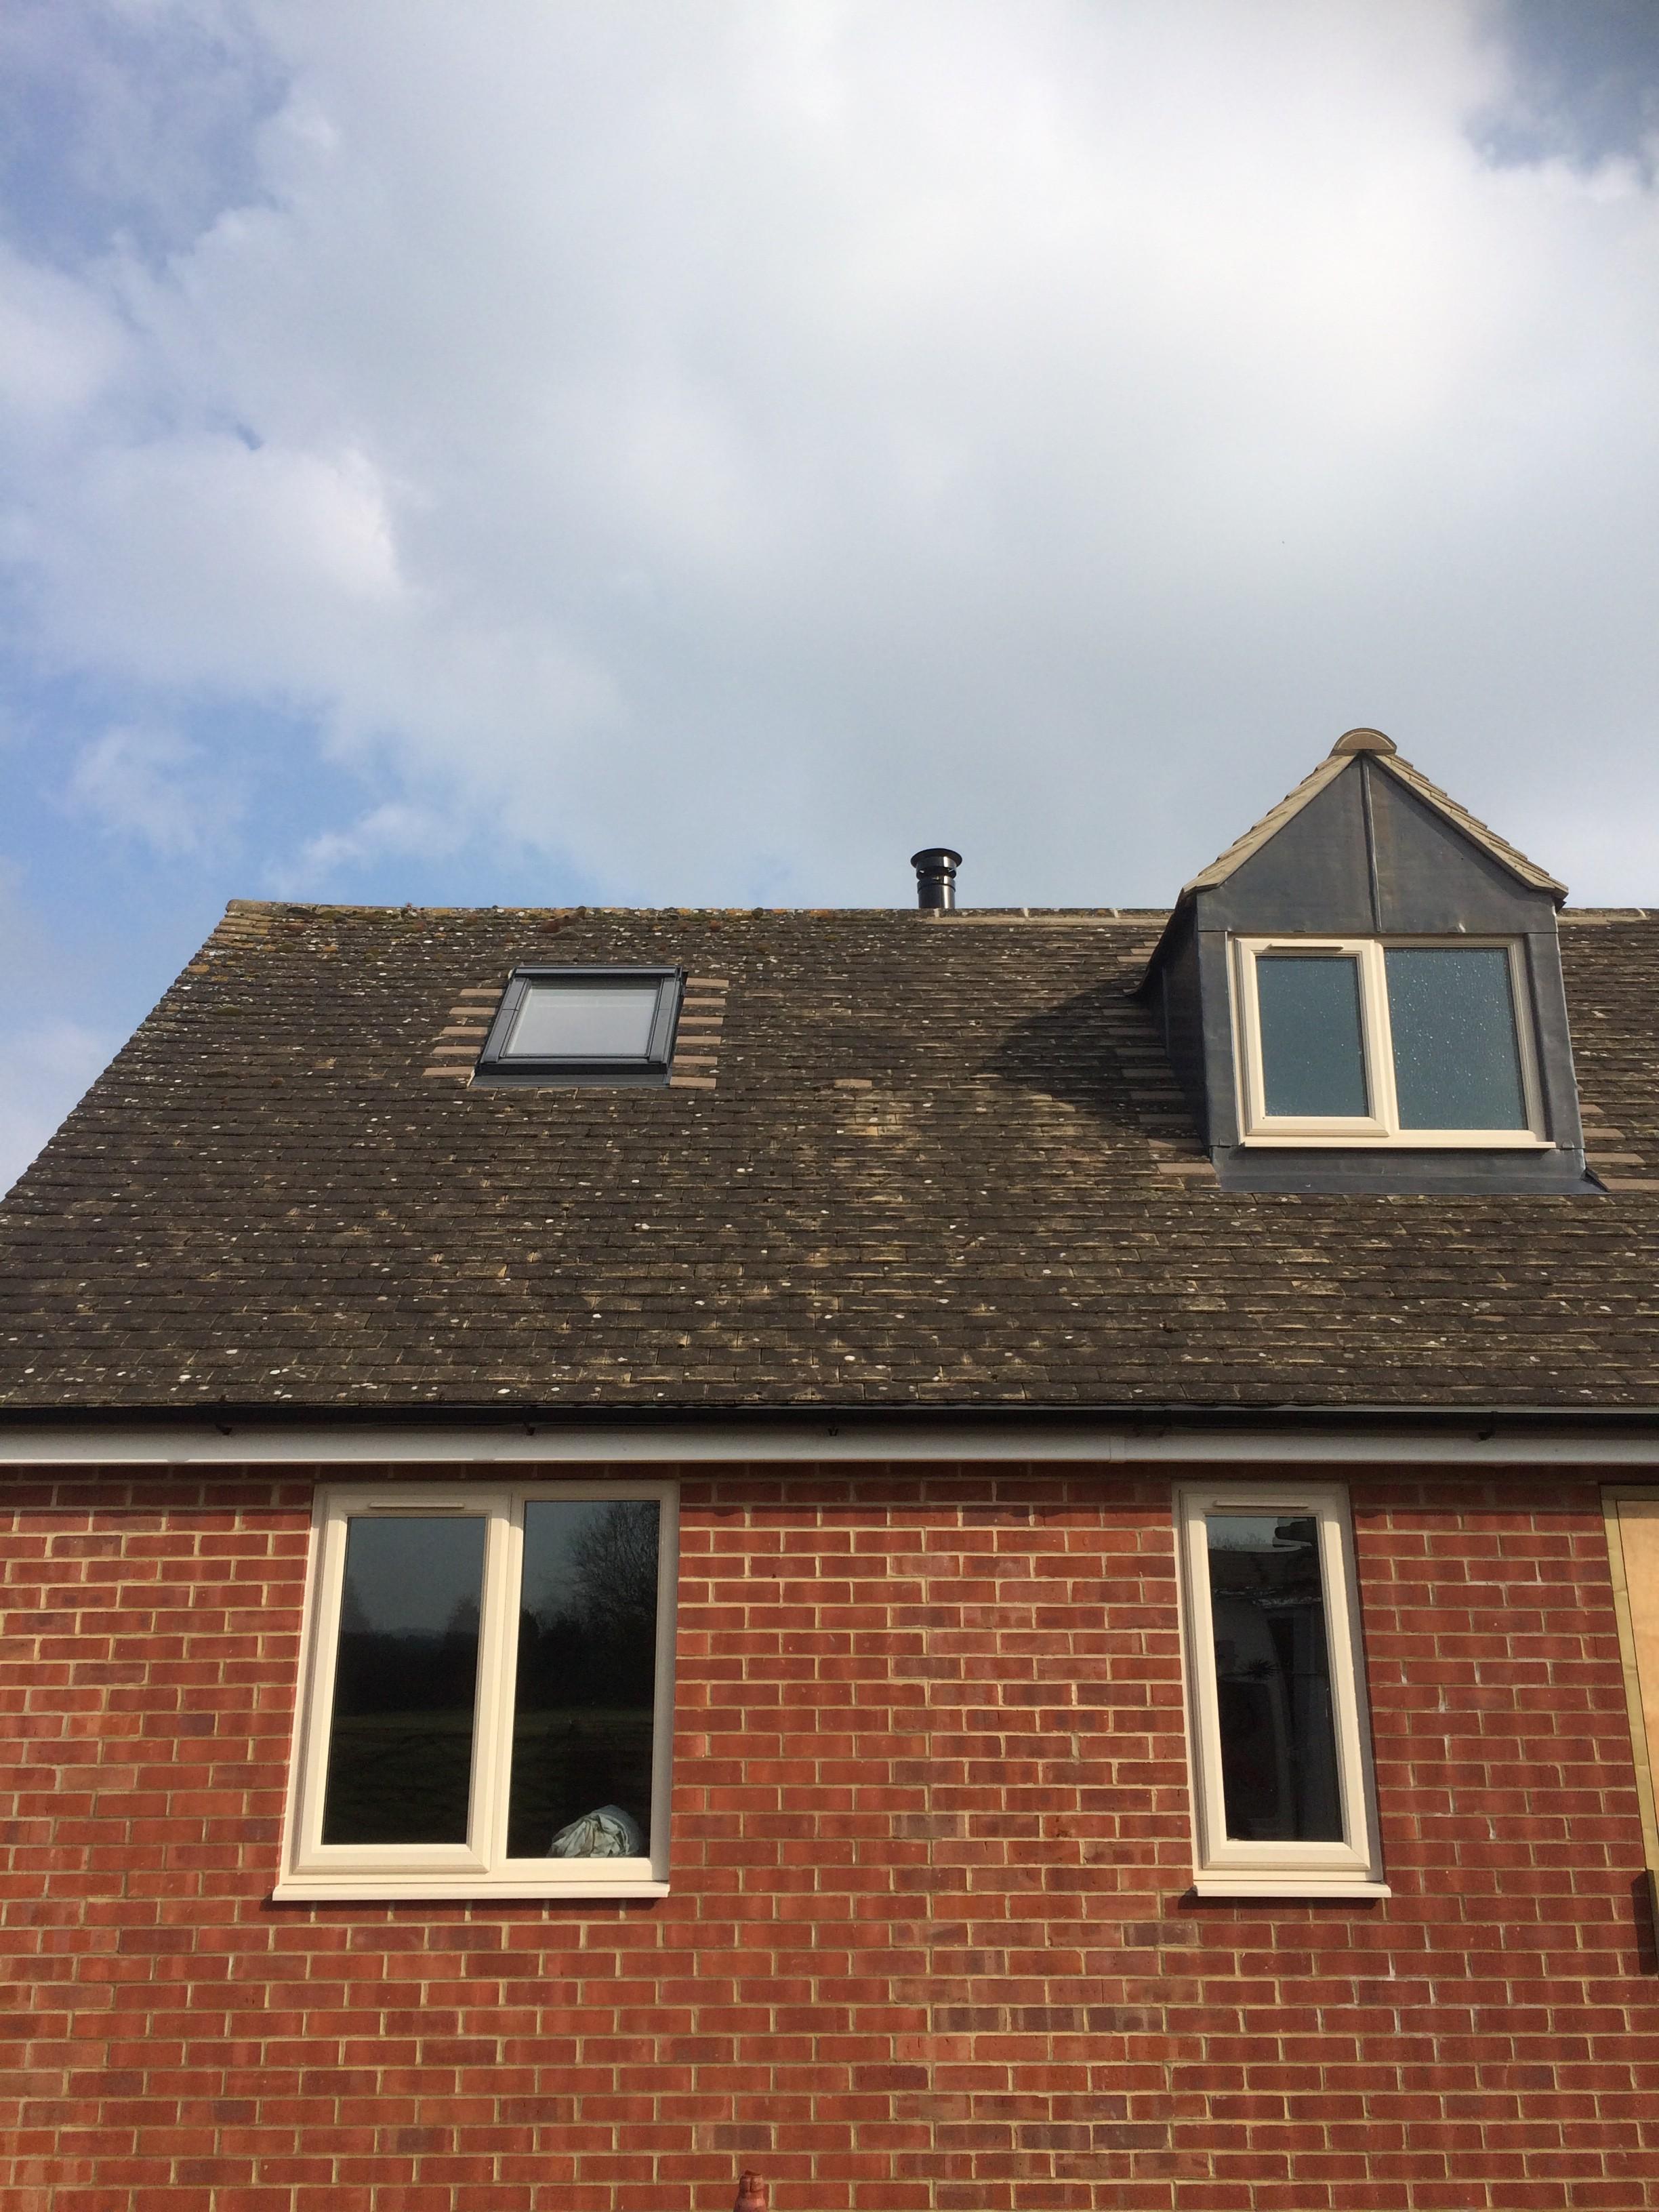 Garage to annexe conversation bloxham banbury chimney for Annexe garage